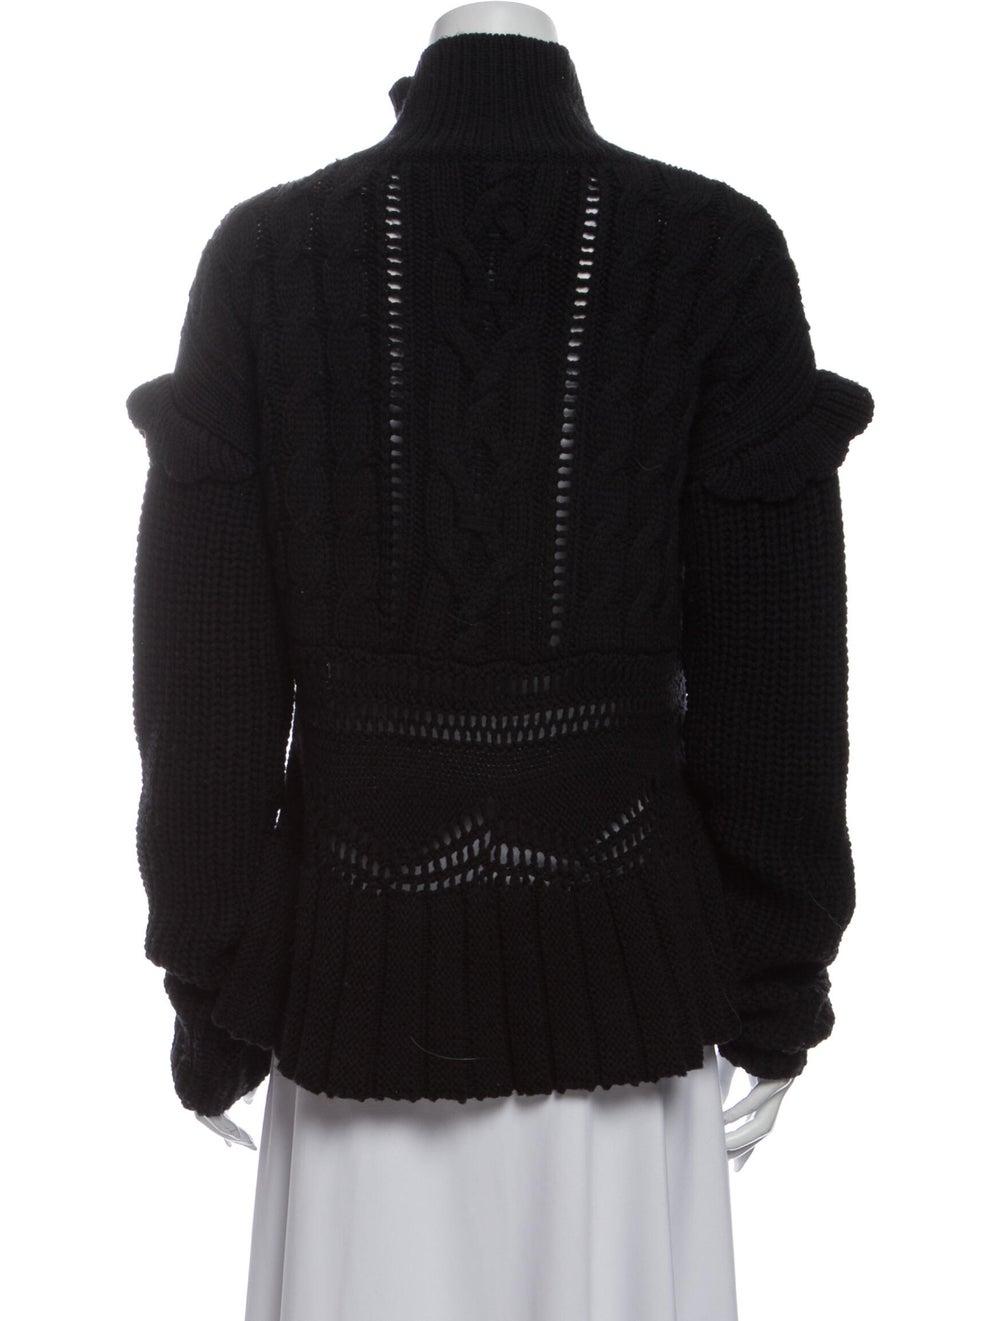 Altuzarra Turtleneck Sweater Black - image 3